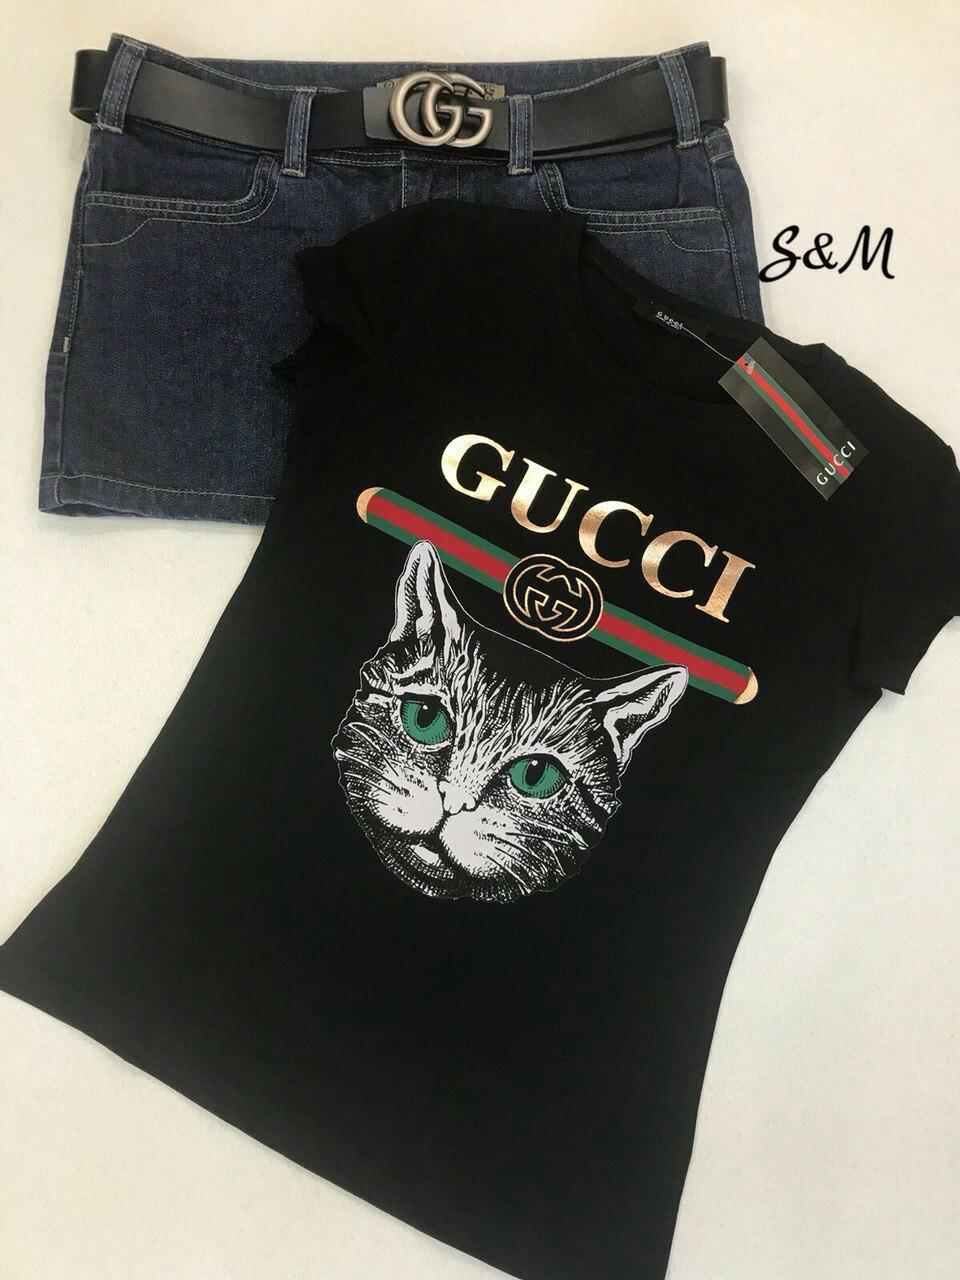 Футболка женская Gucci Размер:42-46,универсальный  Ткань:70%котон,30%эластан, производство Турция